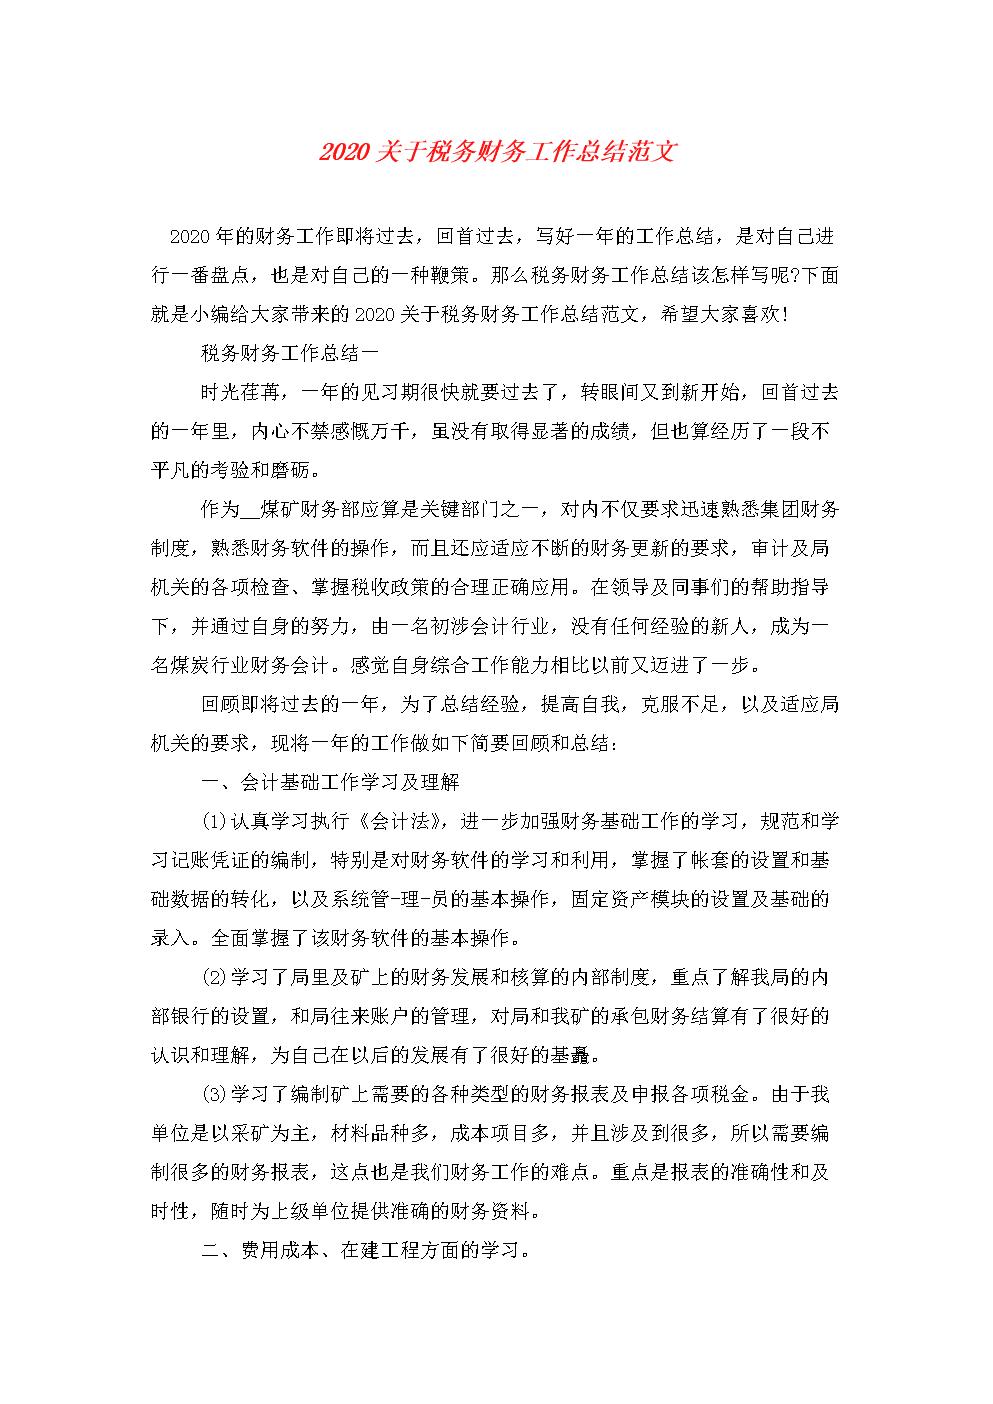 最新2020关于税务财务工作总结范文.doc